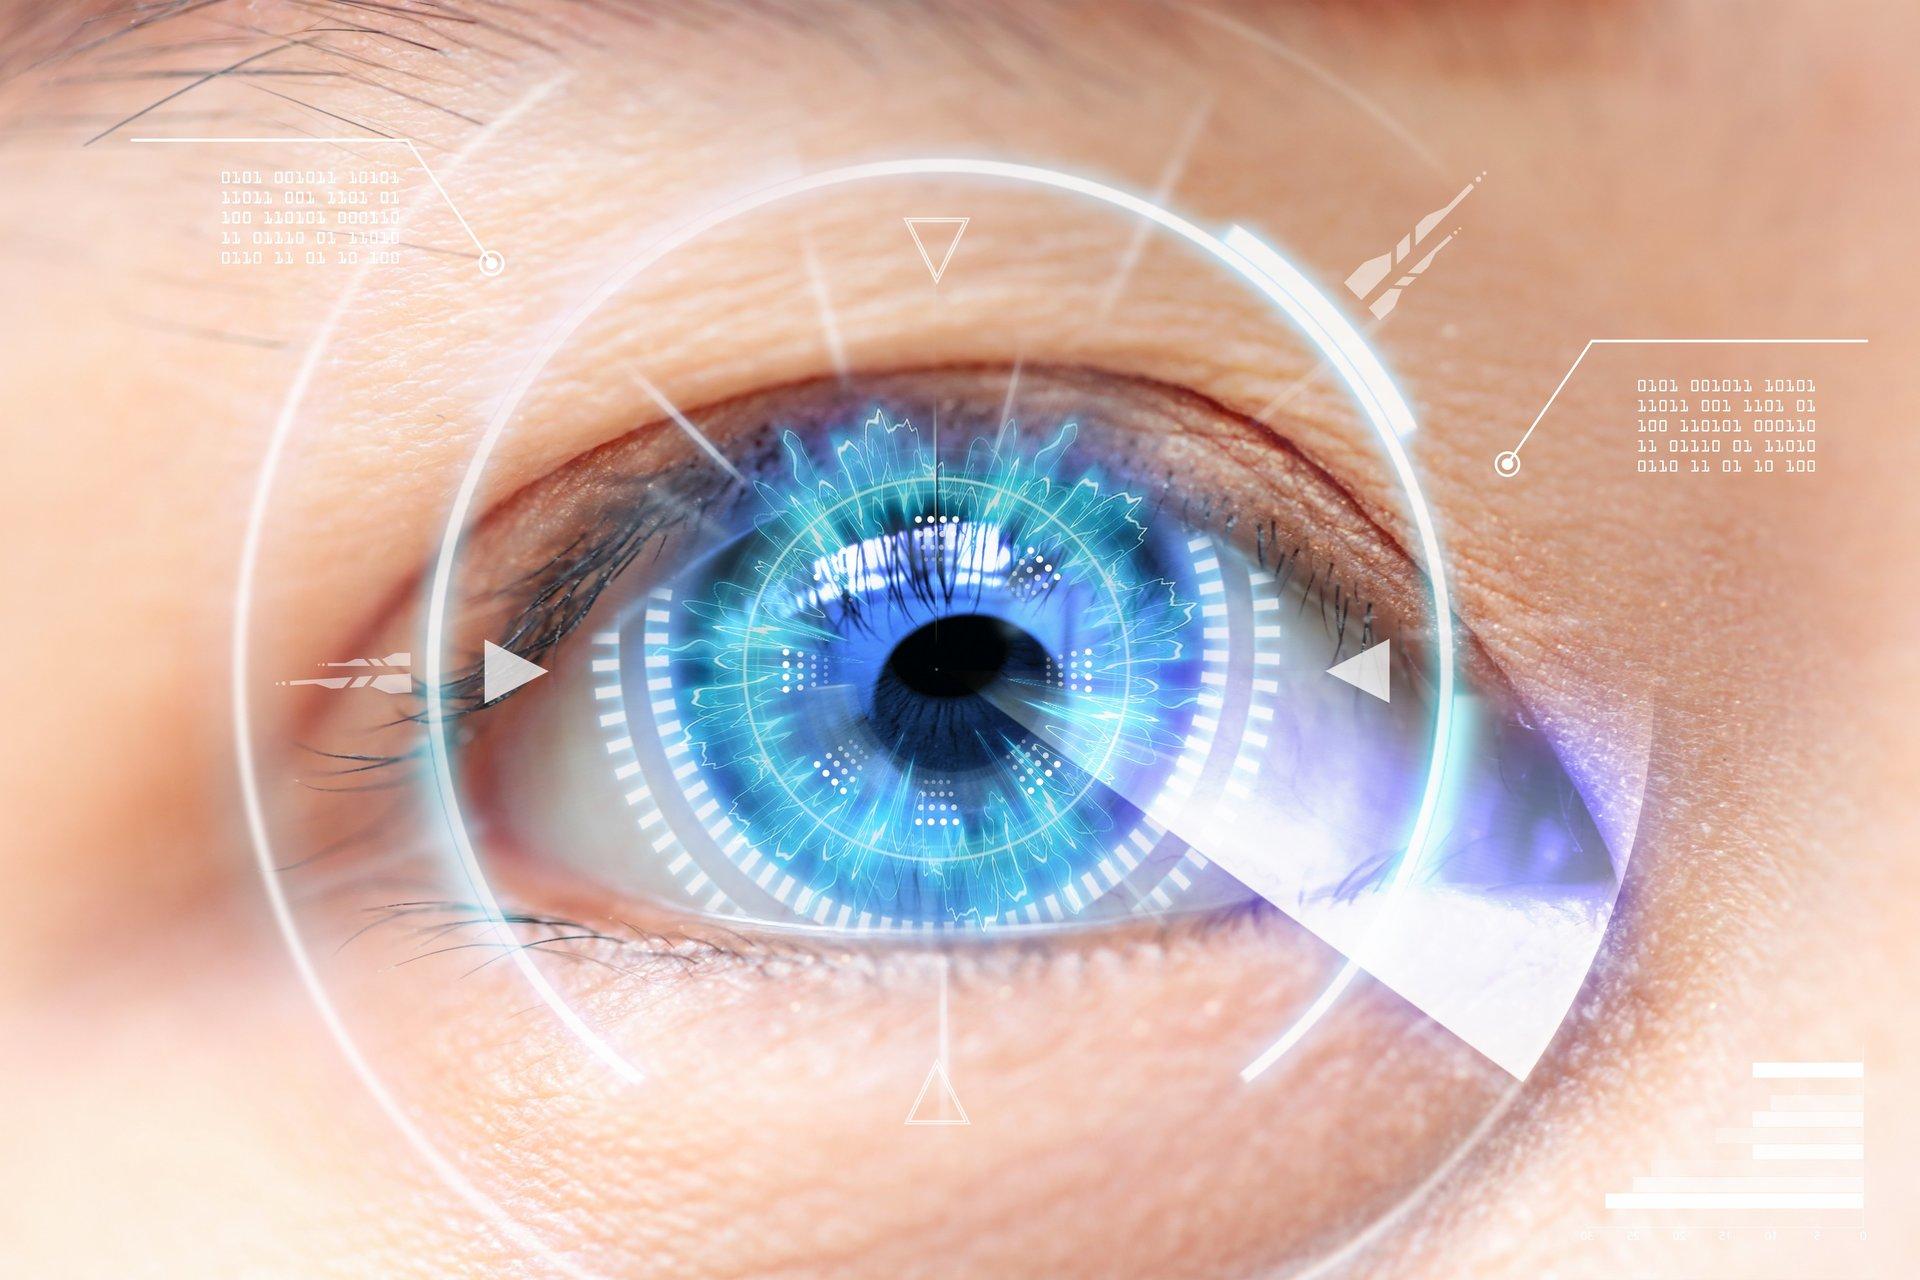 Trattamenti laser per correzioni della vista